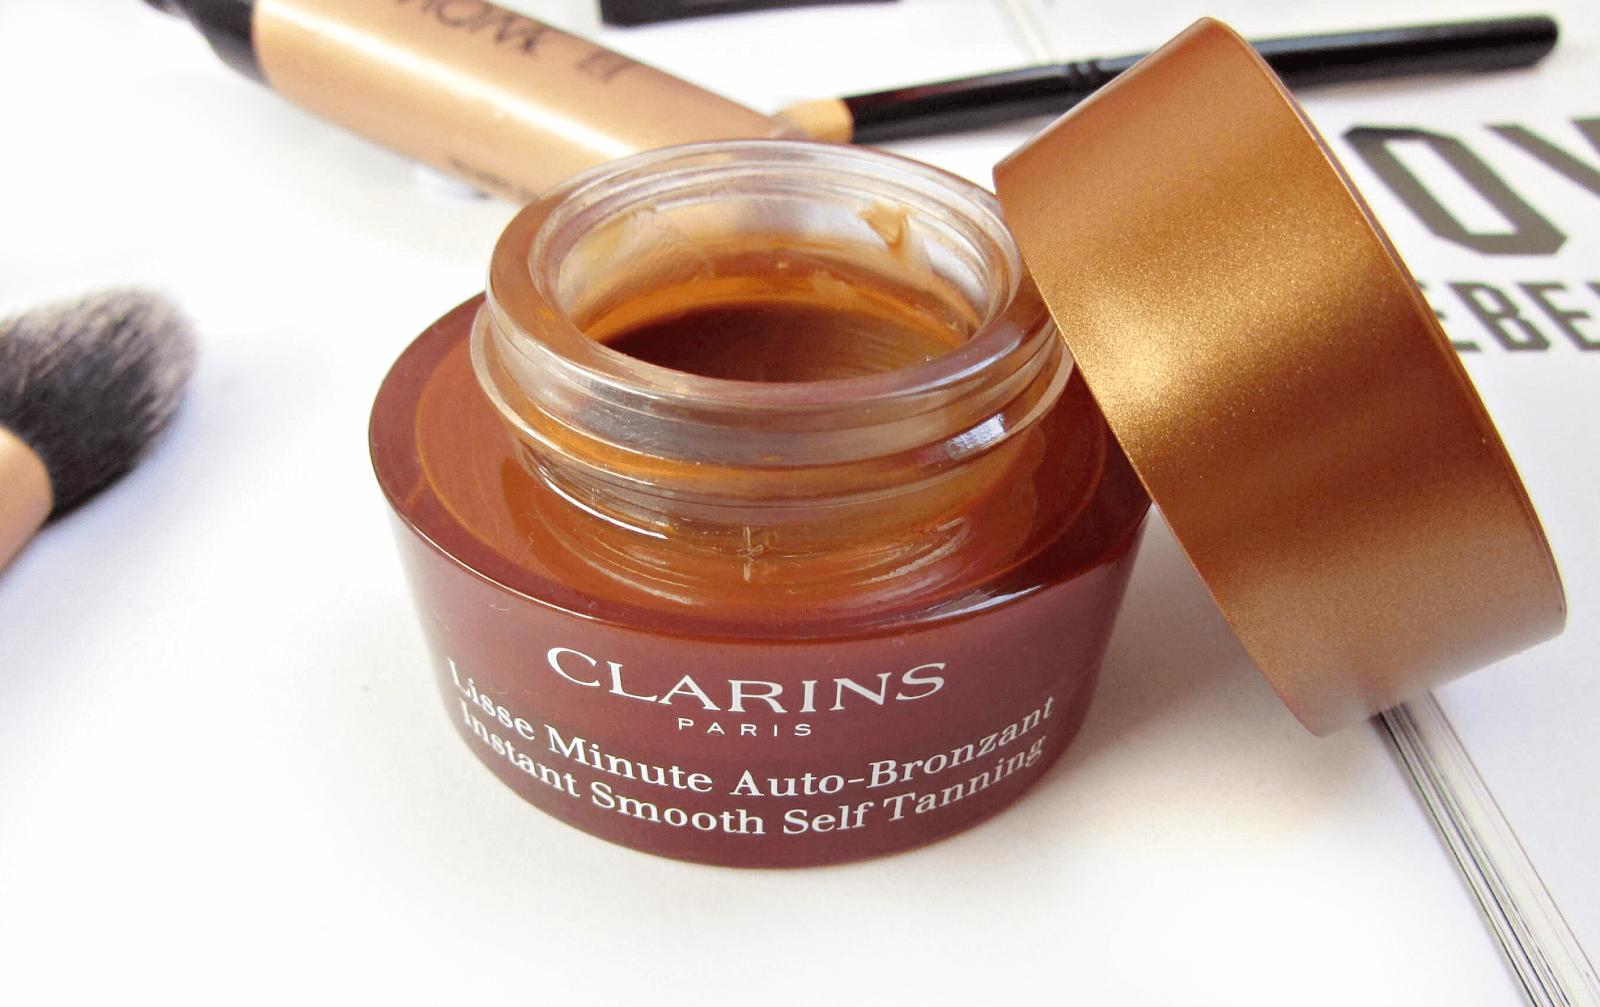 Facial Tanning- Clarins